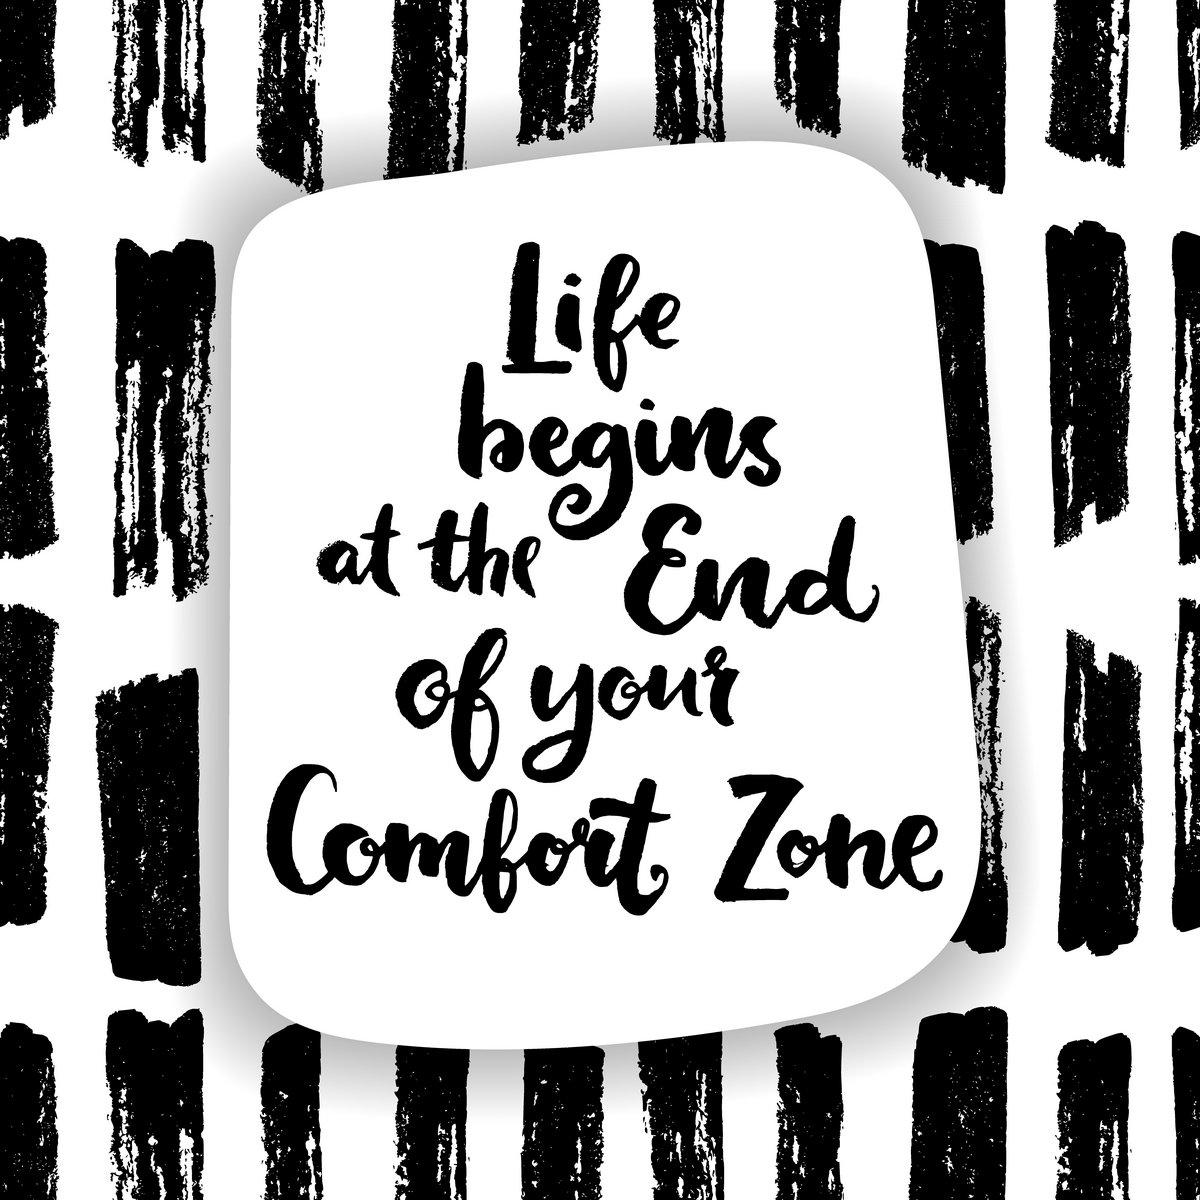 Постер-картина Мотивационный плакат Жизнь начинается в конце вашей зоны комфорта.Мотивационный плакат<br>Постер на холсте или бумаге. Любого нужного вам размера. В раме или без. Подвес в комплекте. Трехслойная надежная упаковка. Доставим в любую точку России. Вам осталось только повесить картину на стену!<br>